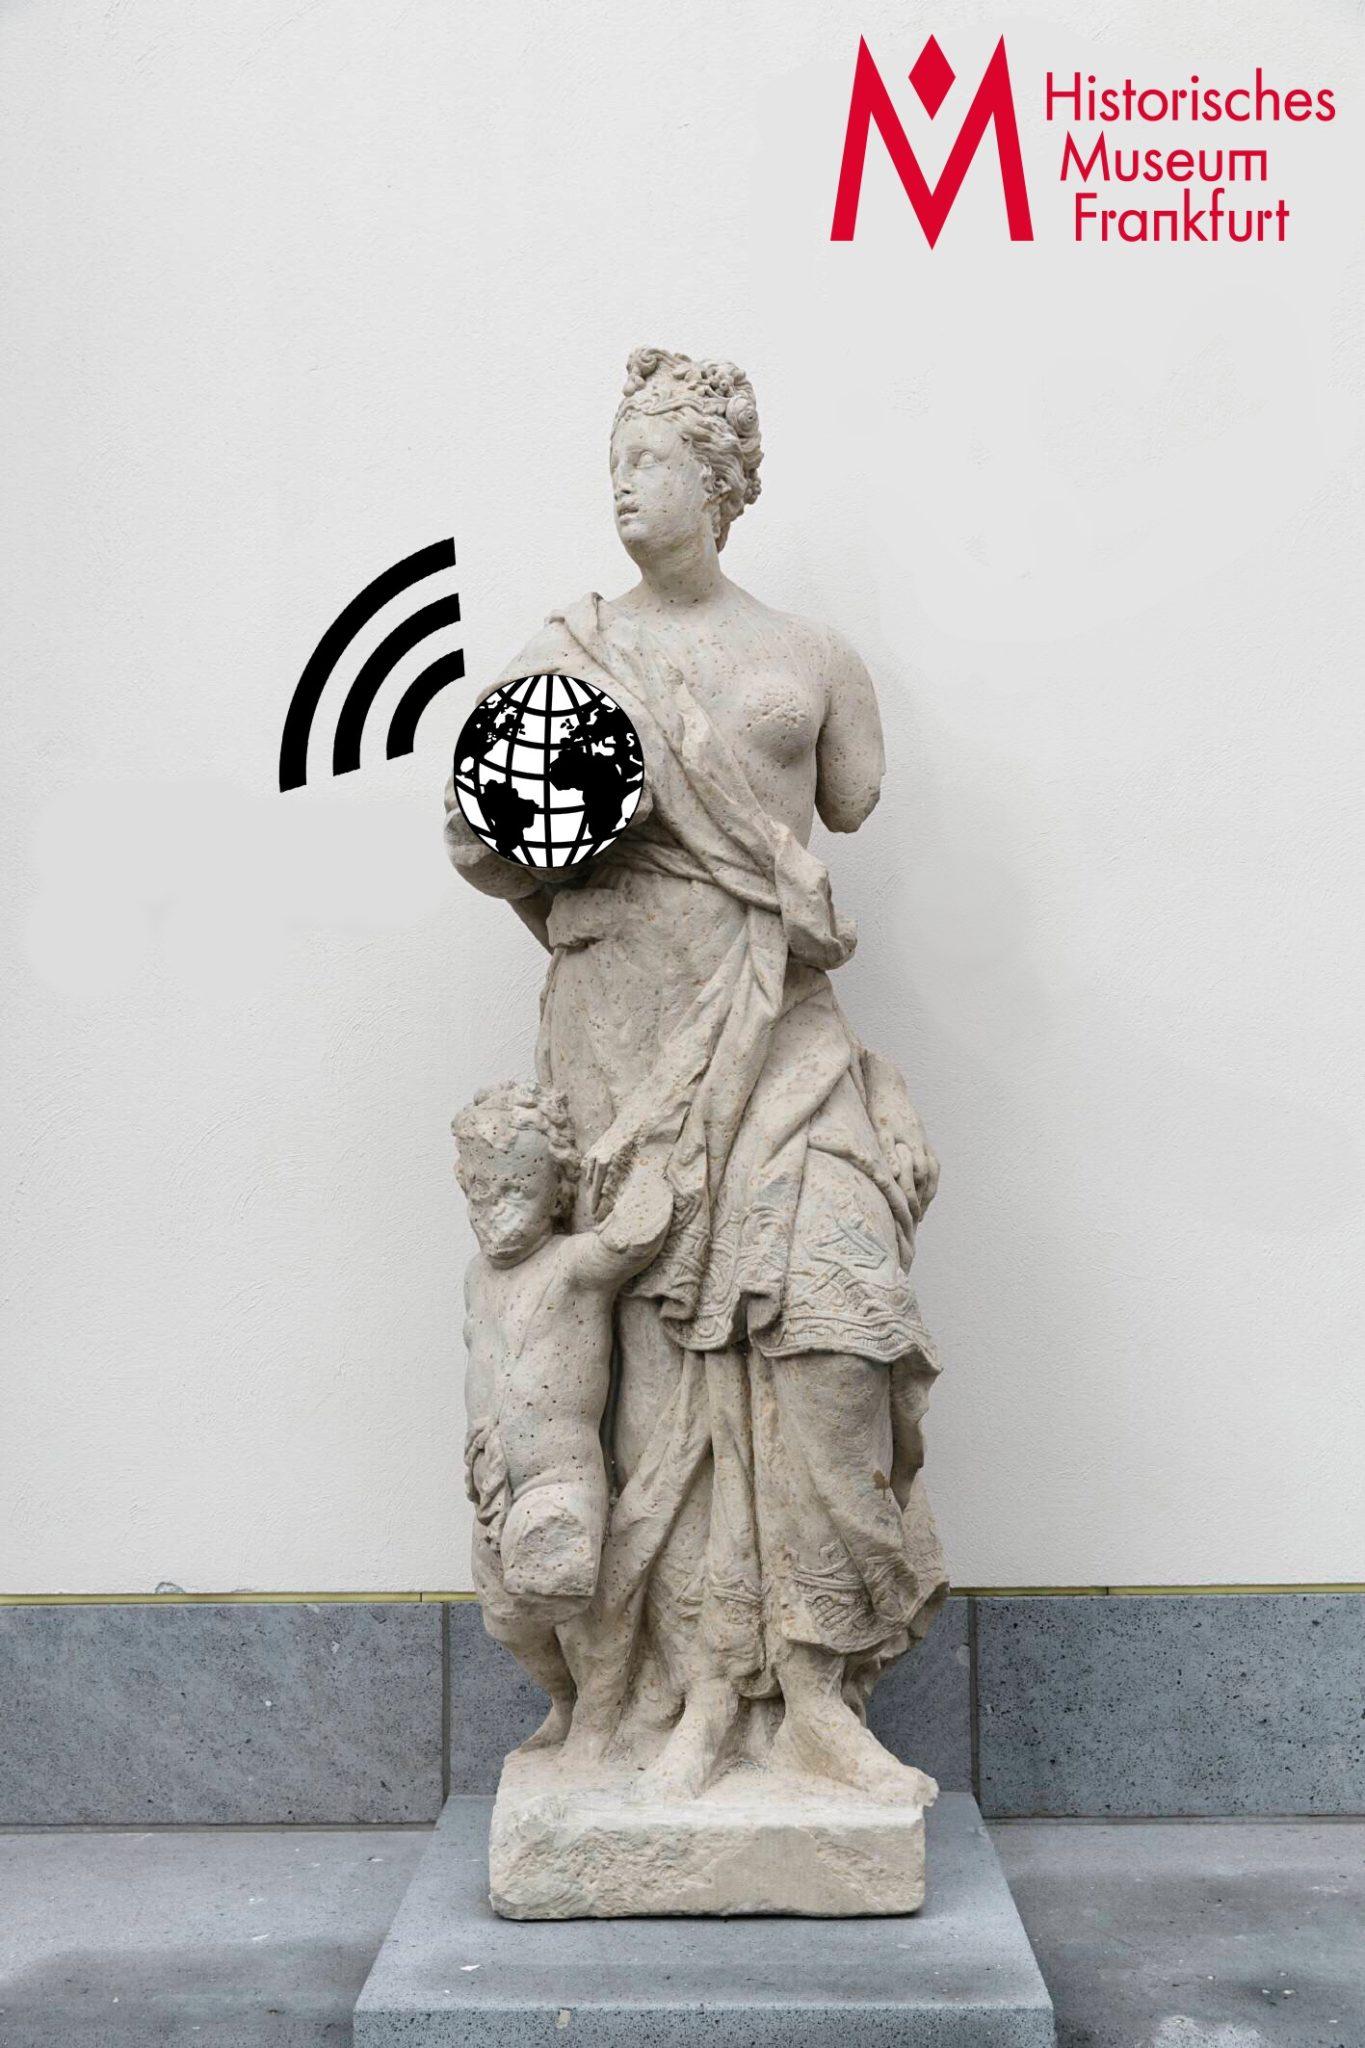 Historisches-Museum-Frankfurt_Das-Museum-bleibt-on